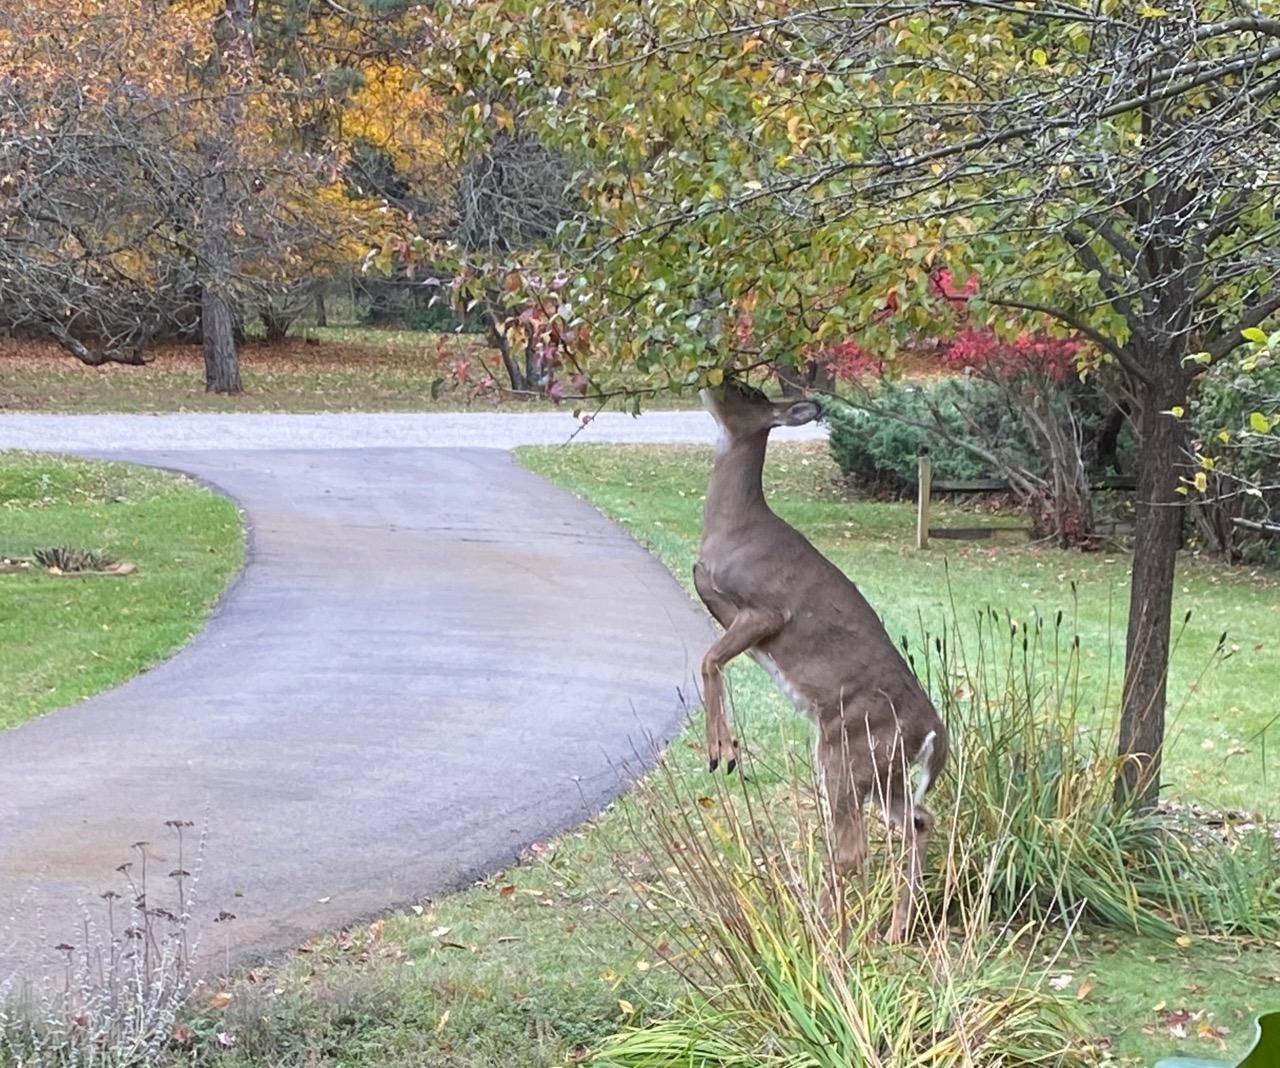 deer chomping